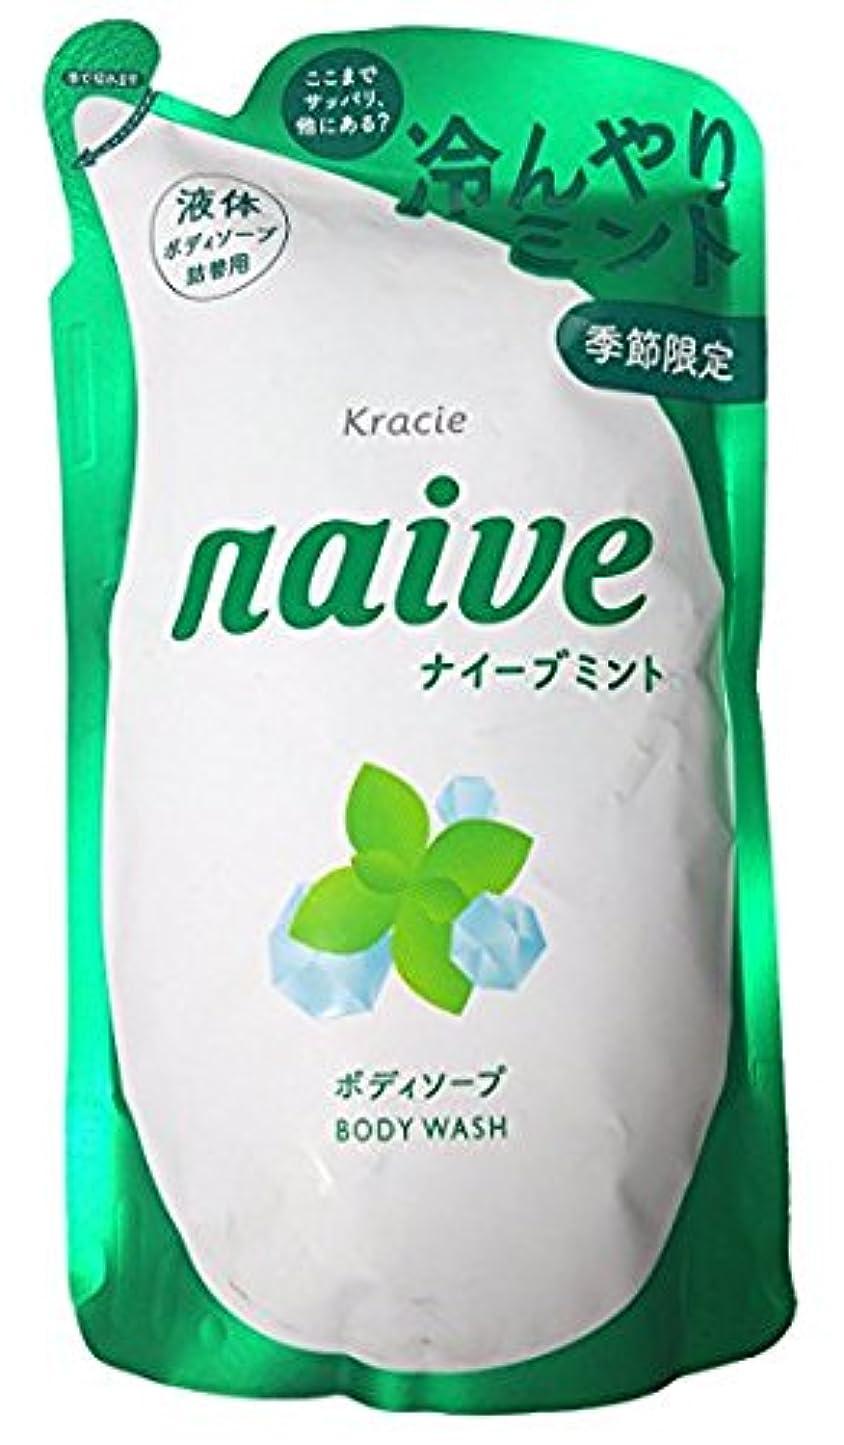 飲み込む女将やさしい【季節限定】 ナイーブ ボディソープ 冷やしミント 詰替用(380mL) / ペパーミントの香り